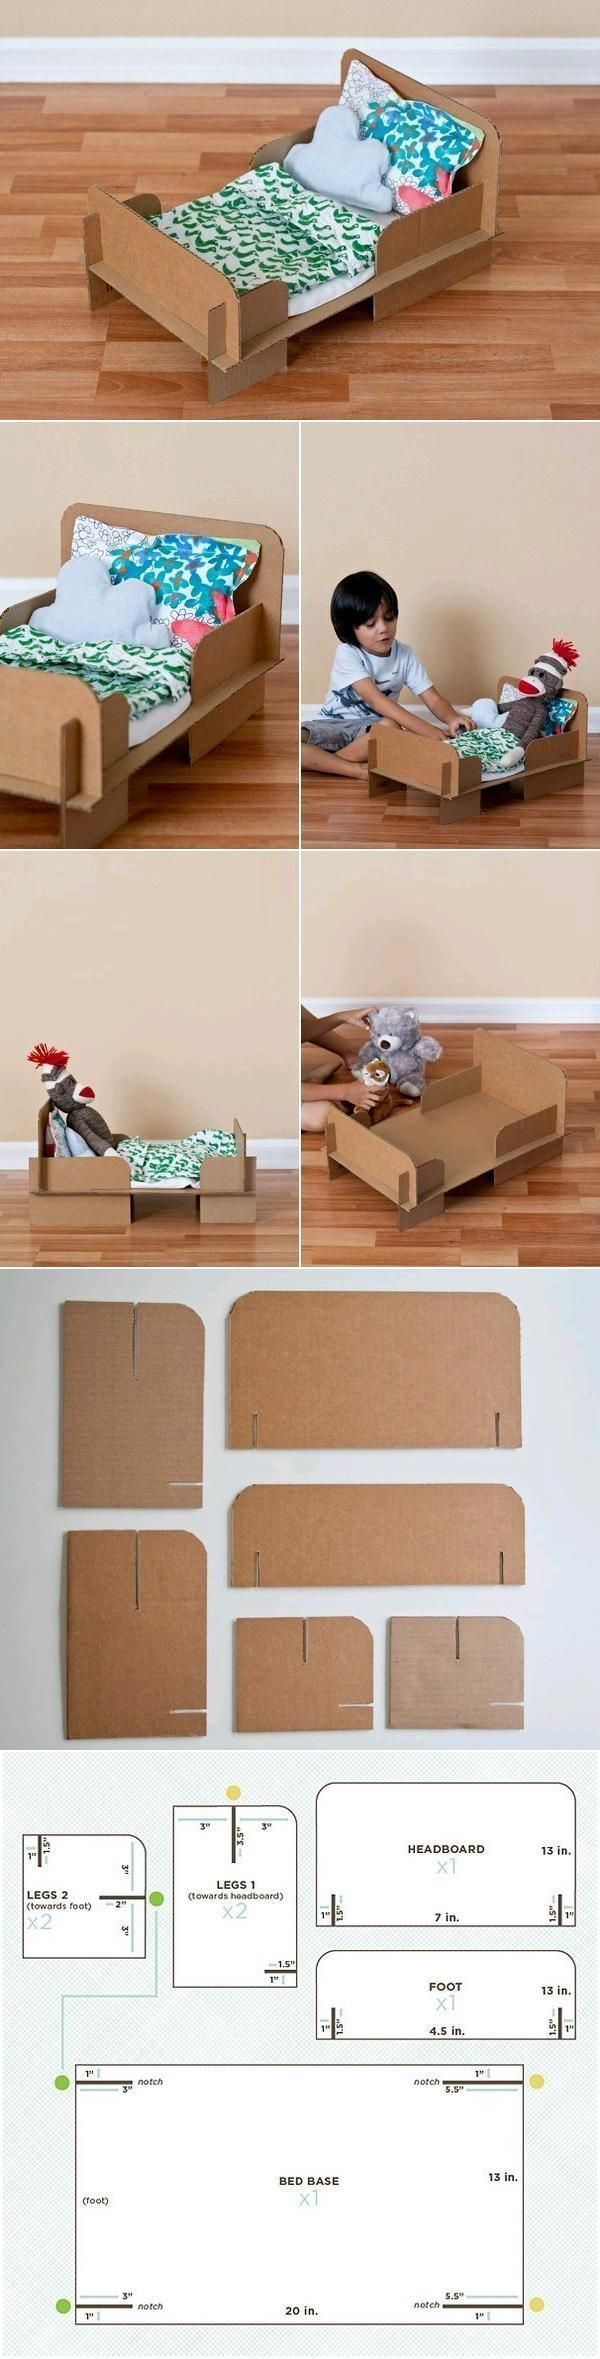 Tutorial para hacer una cama de cartón para muñecas paso a paso